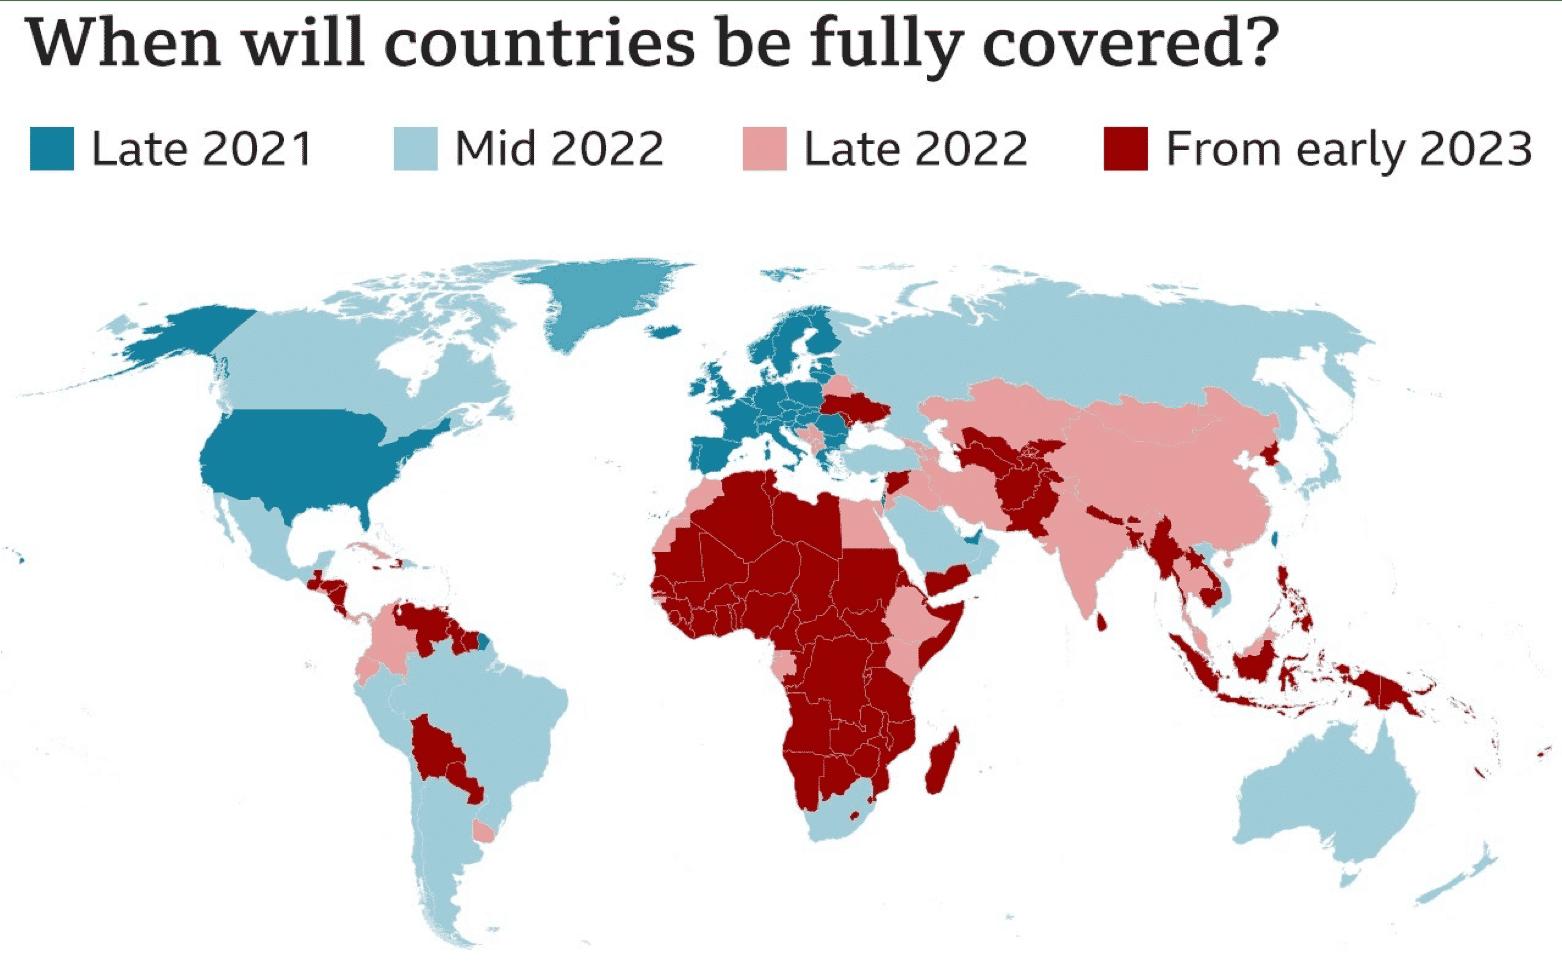 """Vaccine Tourism ธุรกิจท่องเที่ยวที่ฉีด """"วัคซีน"""" ให้นักท่องเที่ยวฟรี มีประเทศไหนบ้าง ?"""